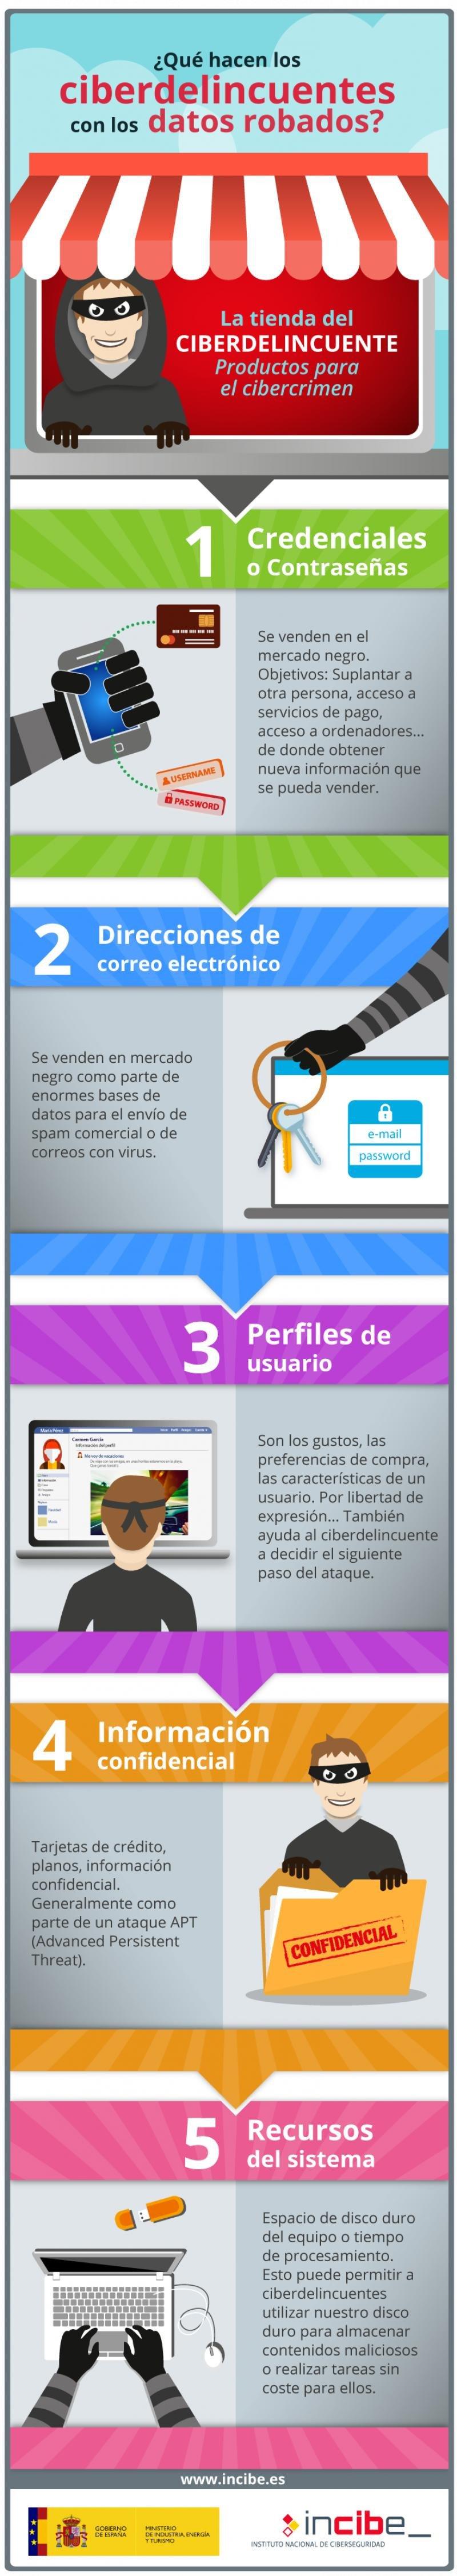 Infografía elaborada por el INCIBE. Este material forma parte del curso online sobre ciberseguridad para empresas turísticas y de ocio.